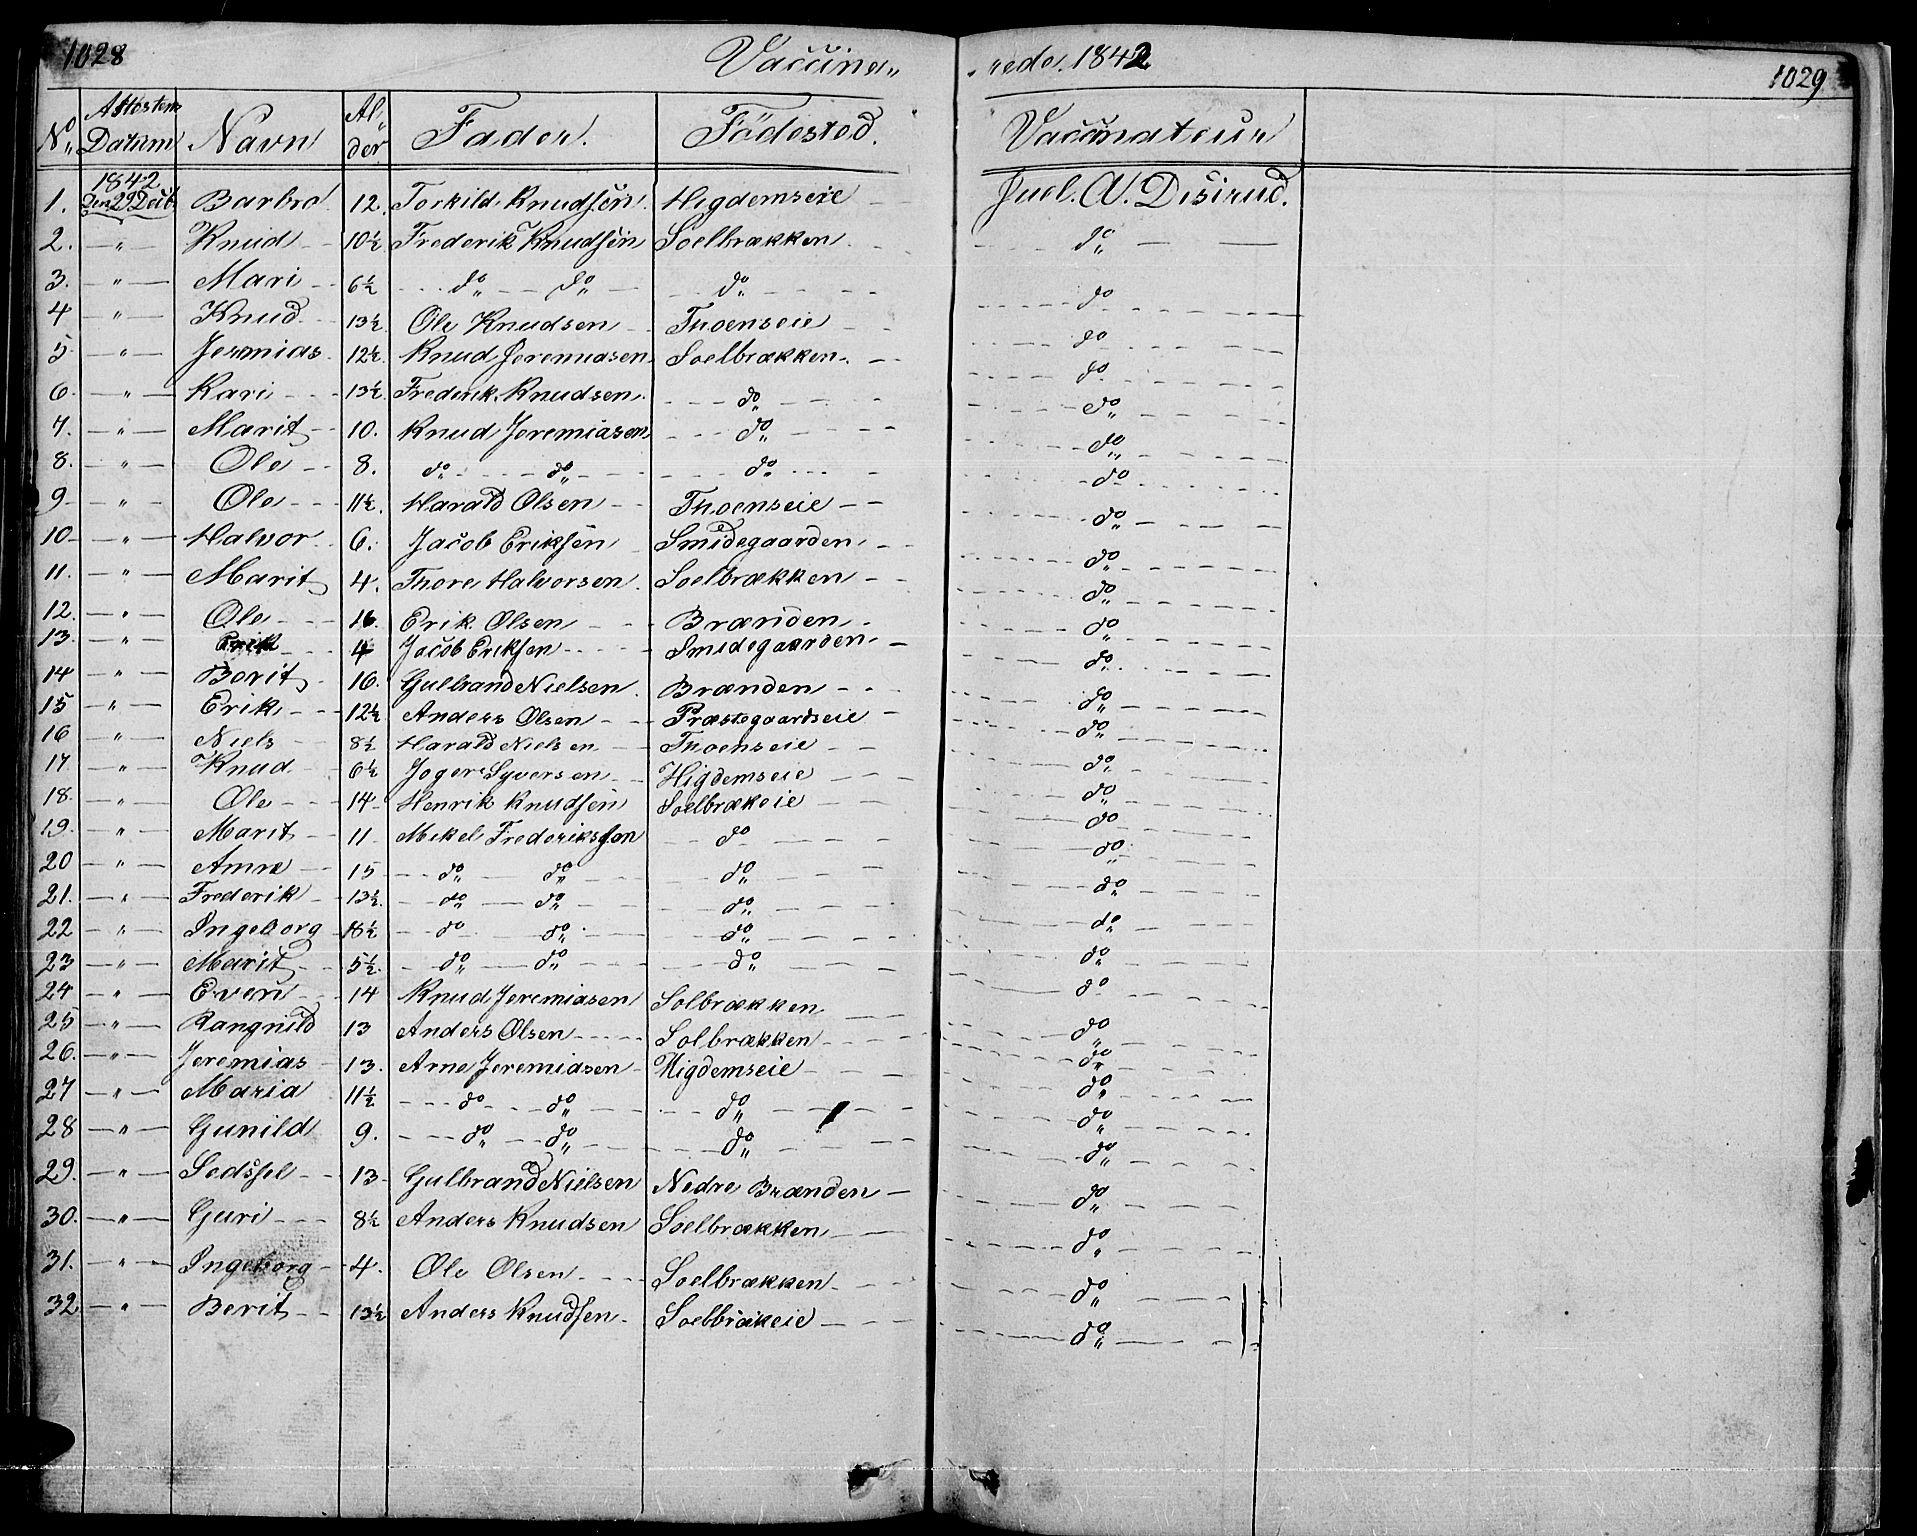 SAH, Nord-Aurdal prestekontor, Klokkerbok nr. 1, 1834-1887, s. 1028-1029